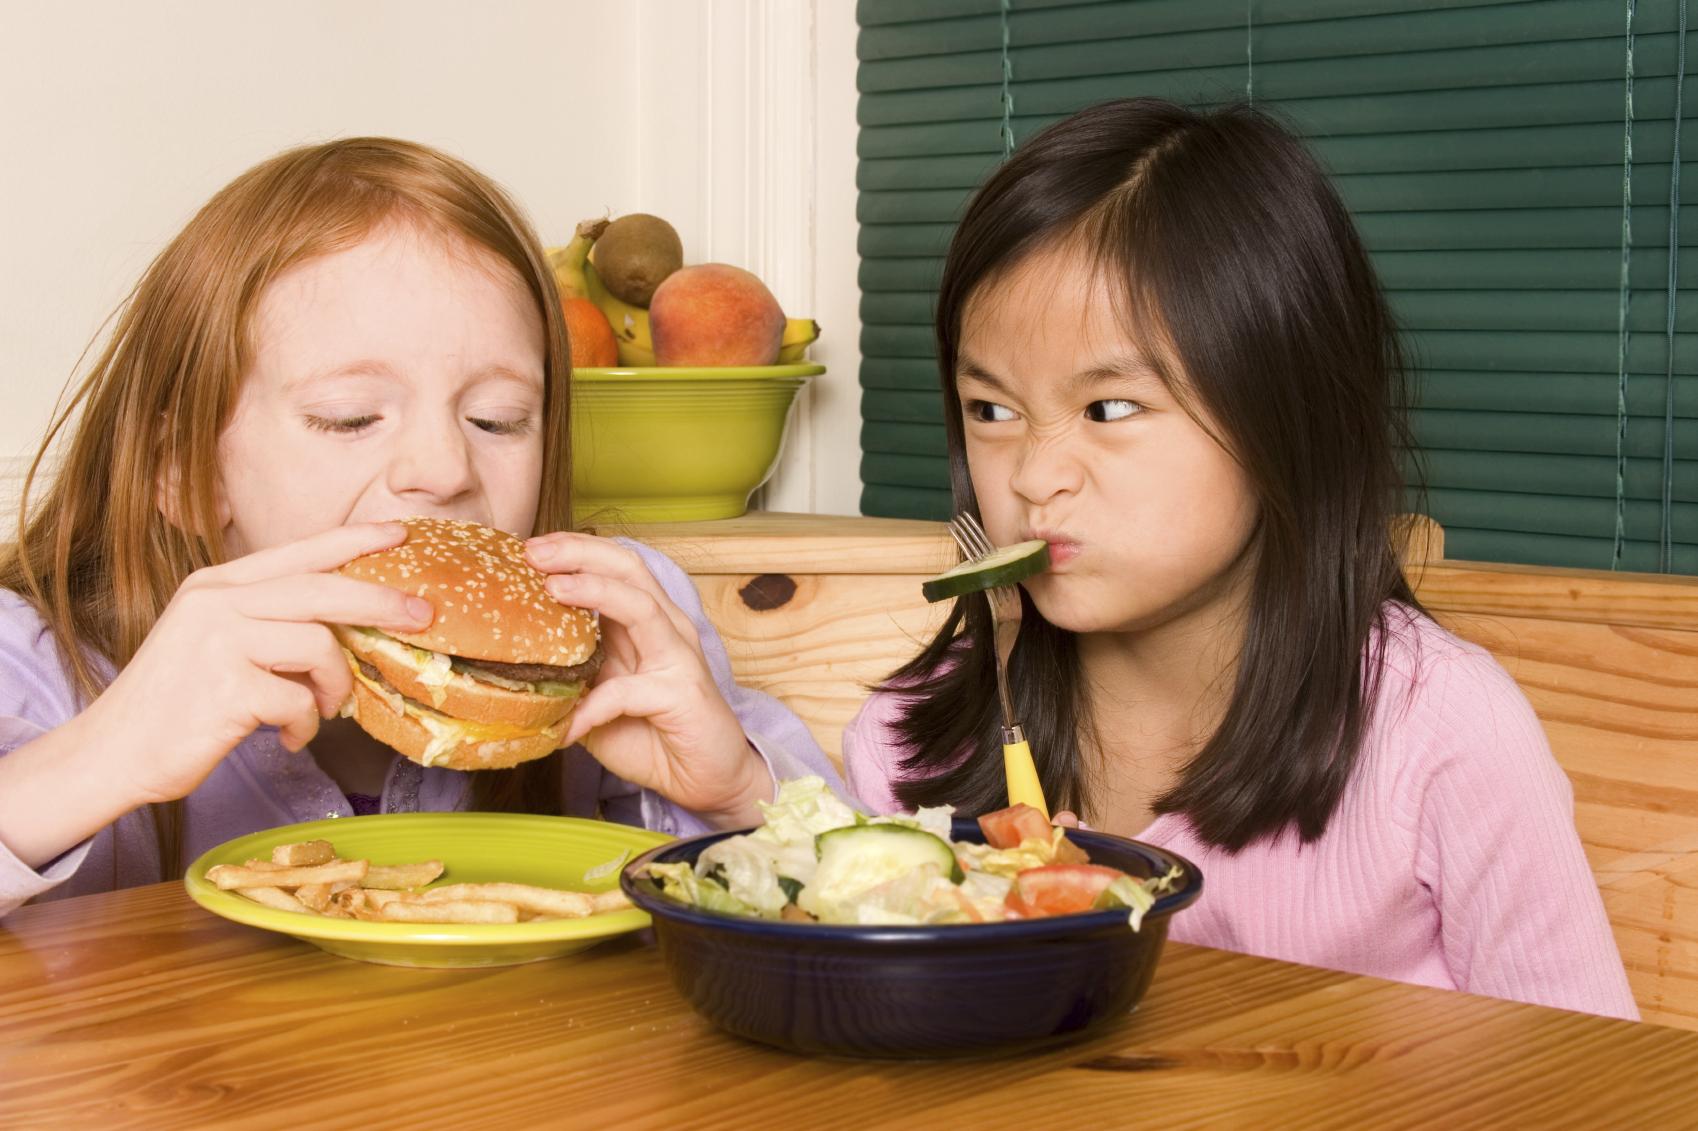 Опасный прикорм: топ-5 ошибок родителей